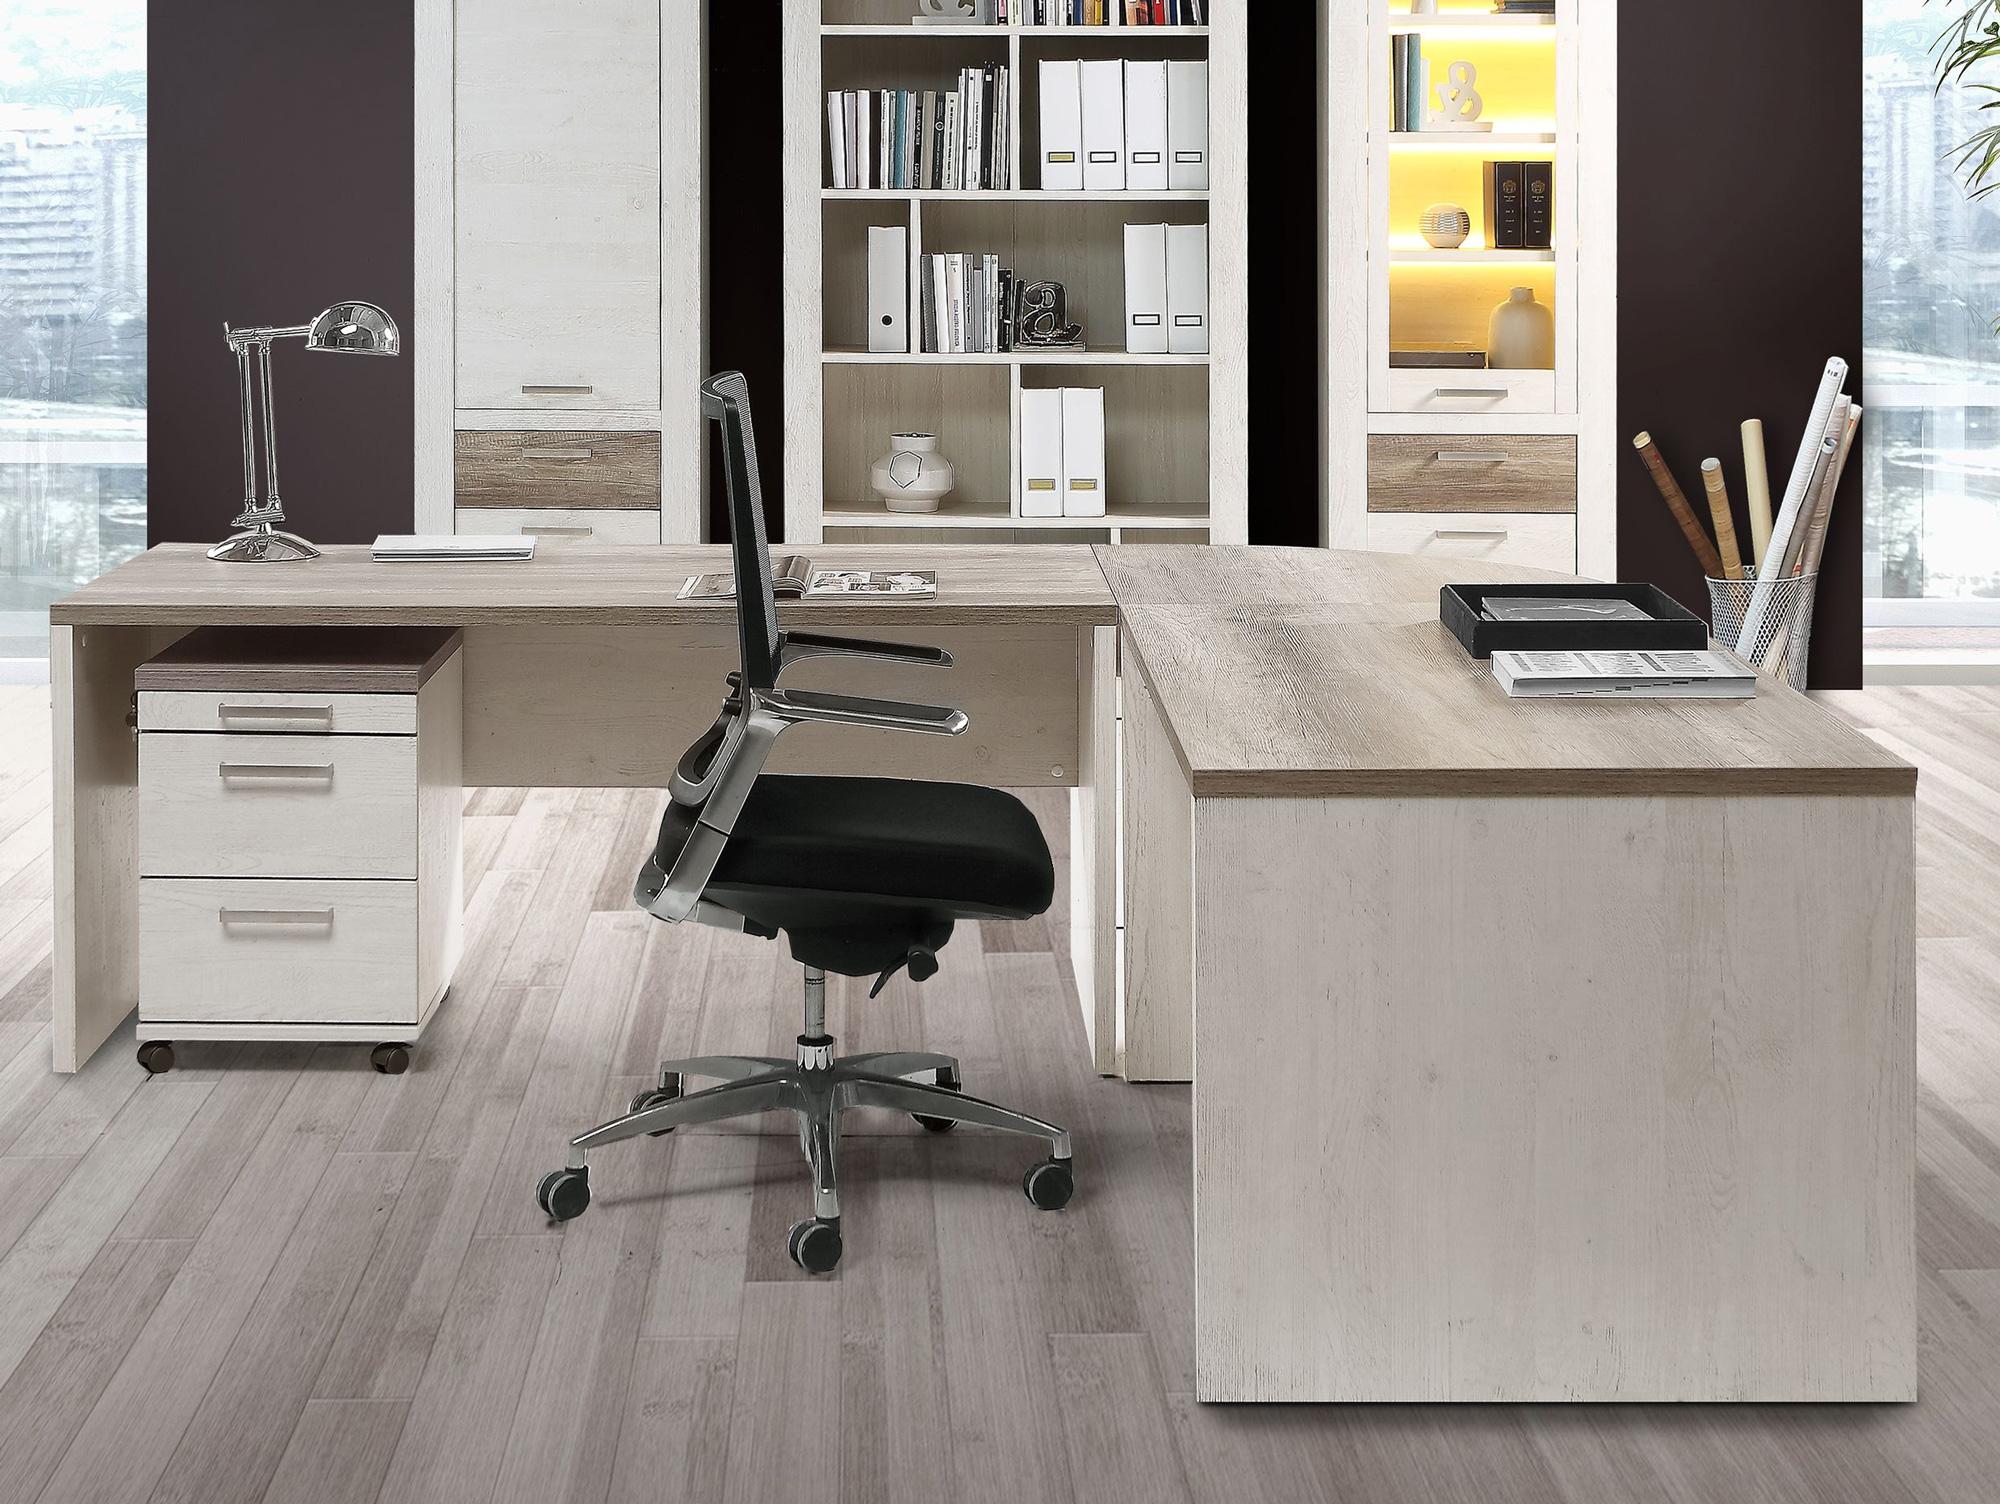 Gewaltig Schreibtisch Weiß Groß Sammlung Von Dagur Pinie Weiß/eiche Antik